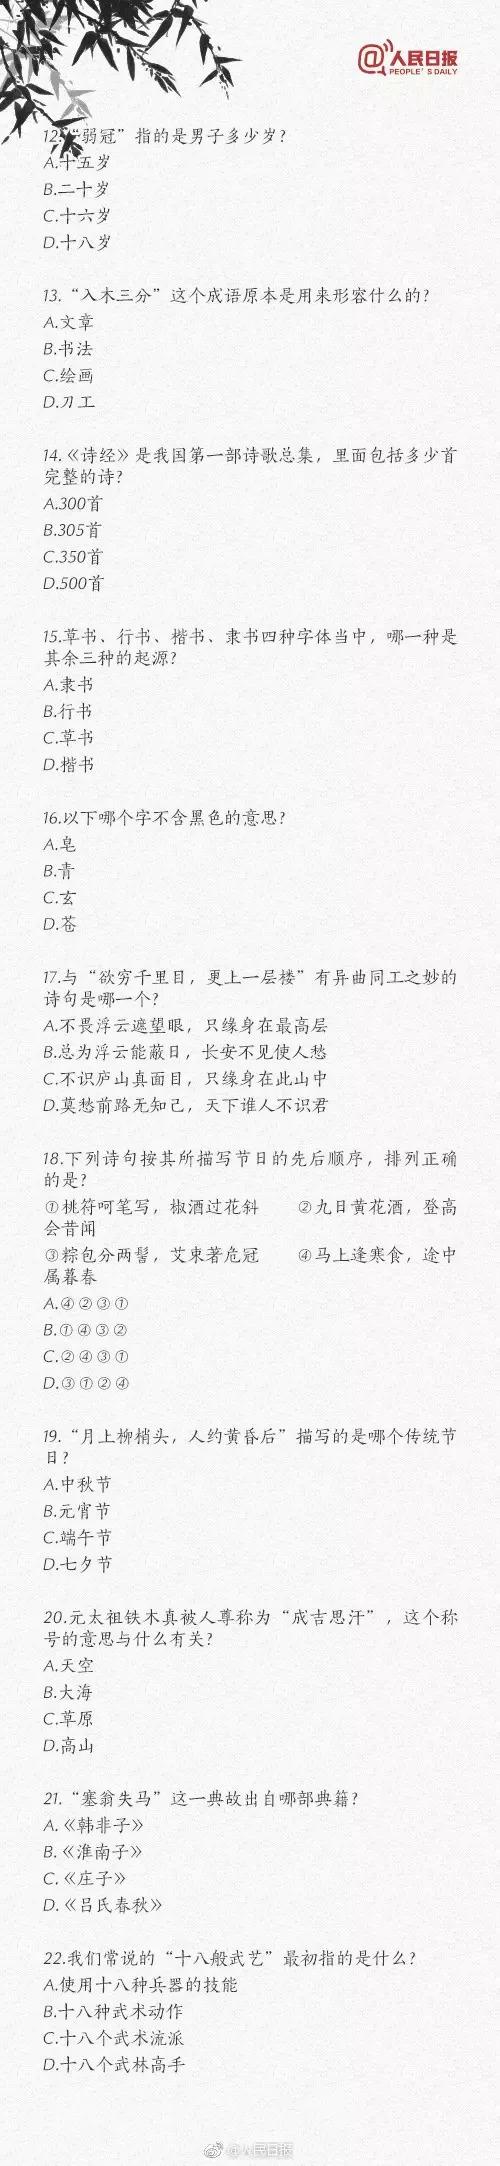 必赢娱乐官方网站 2